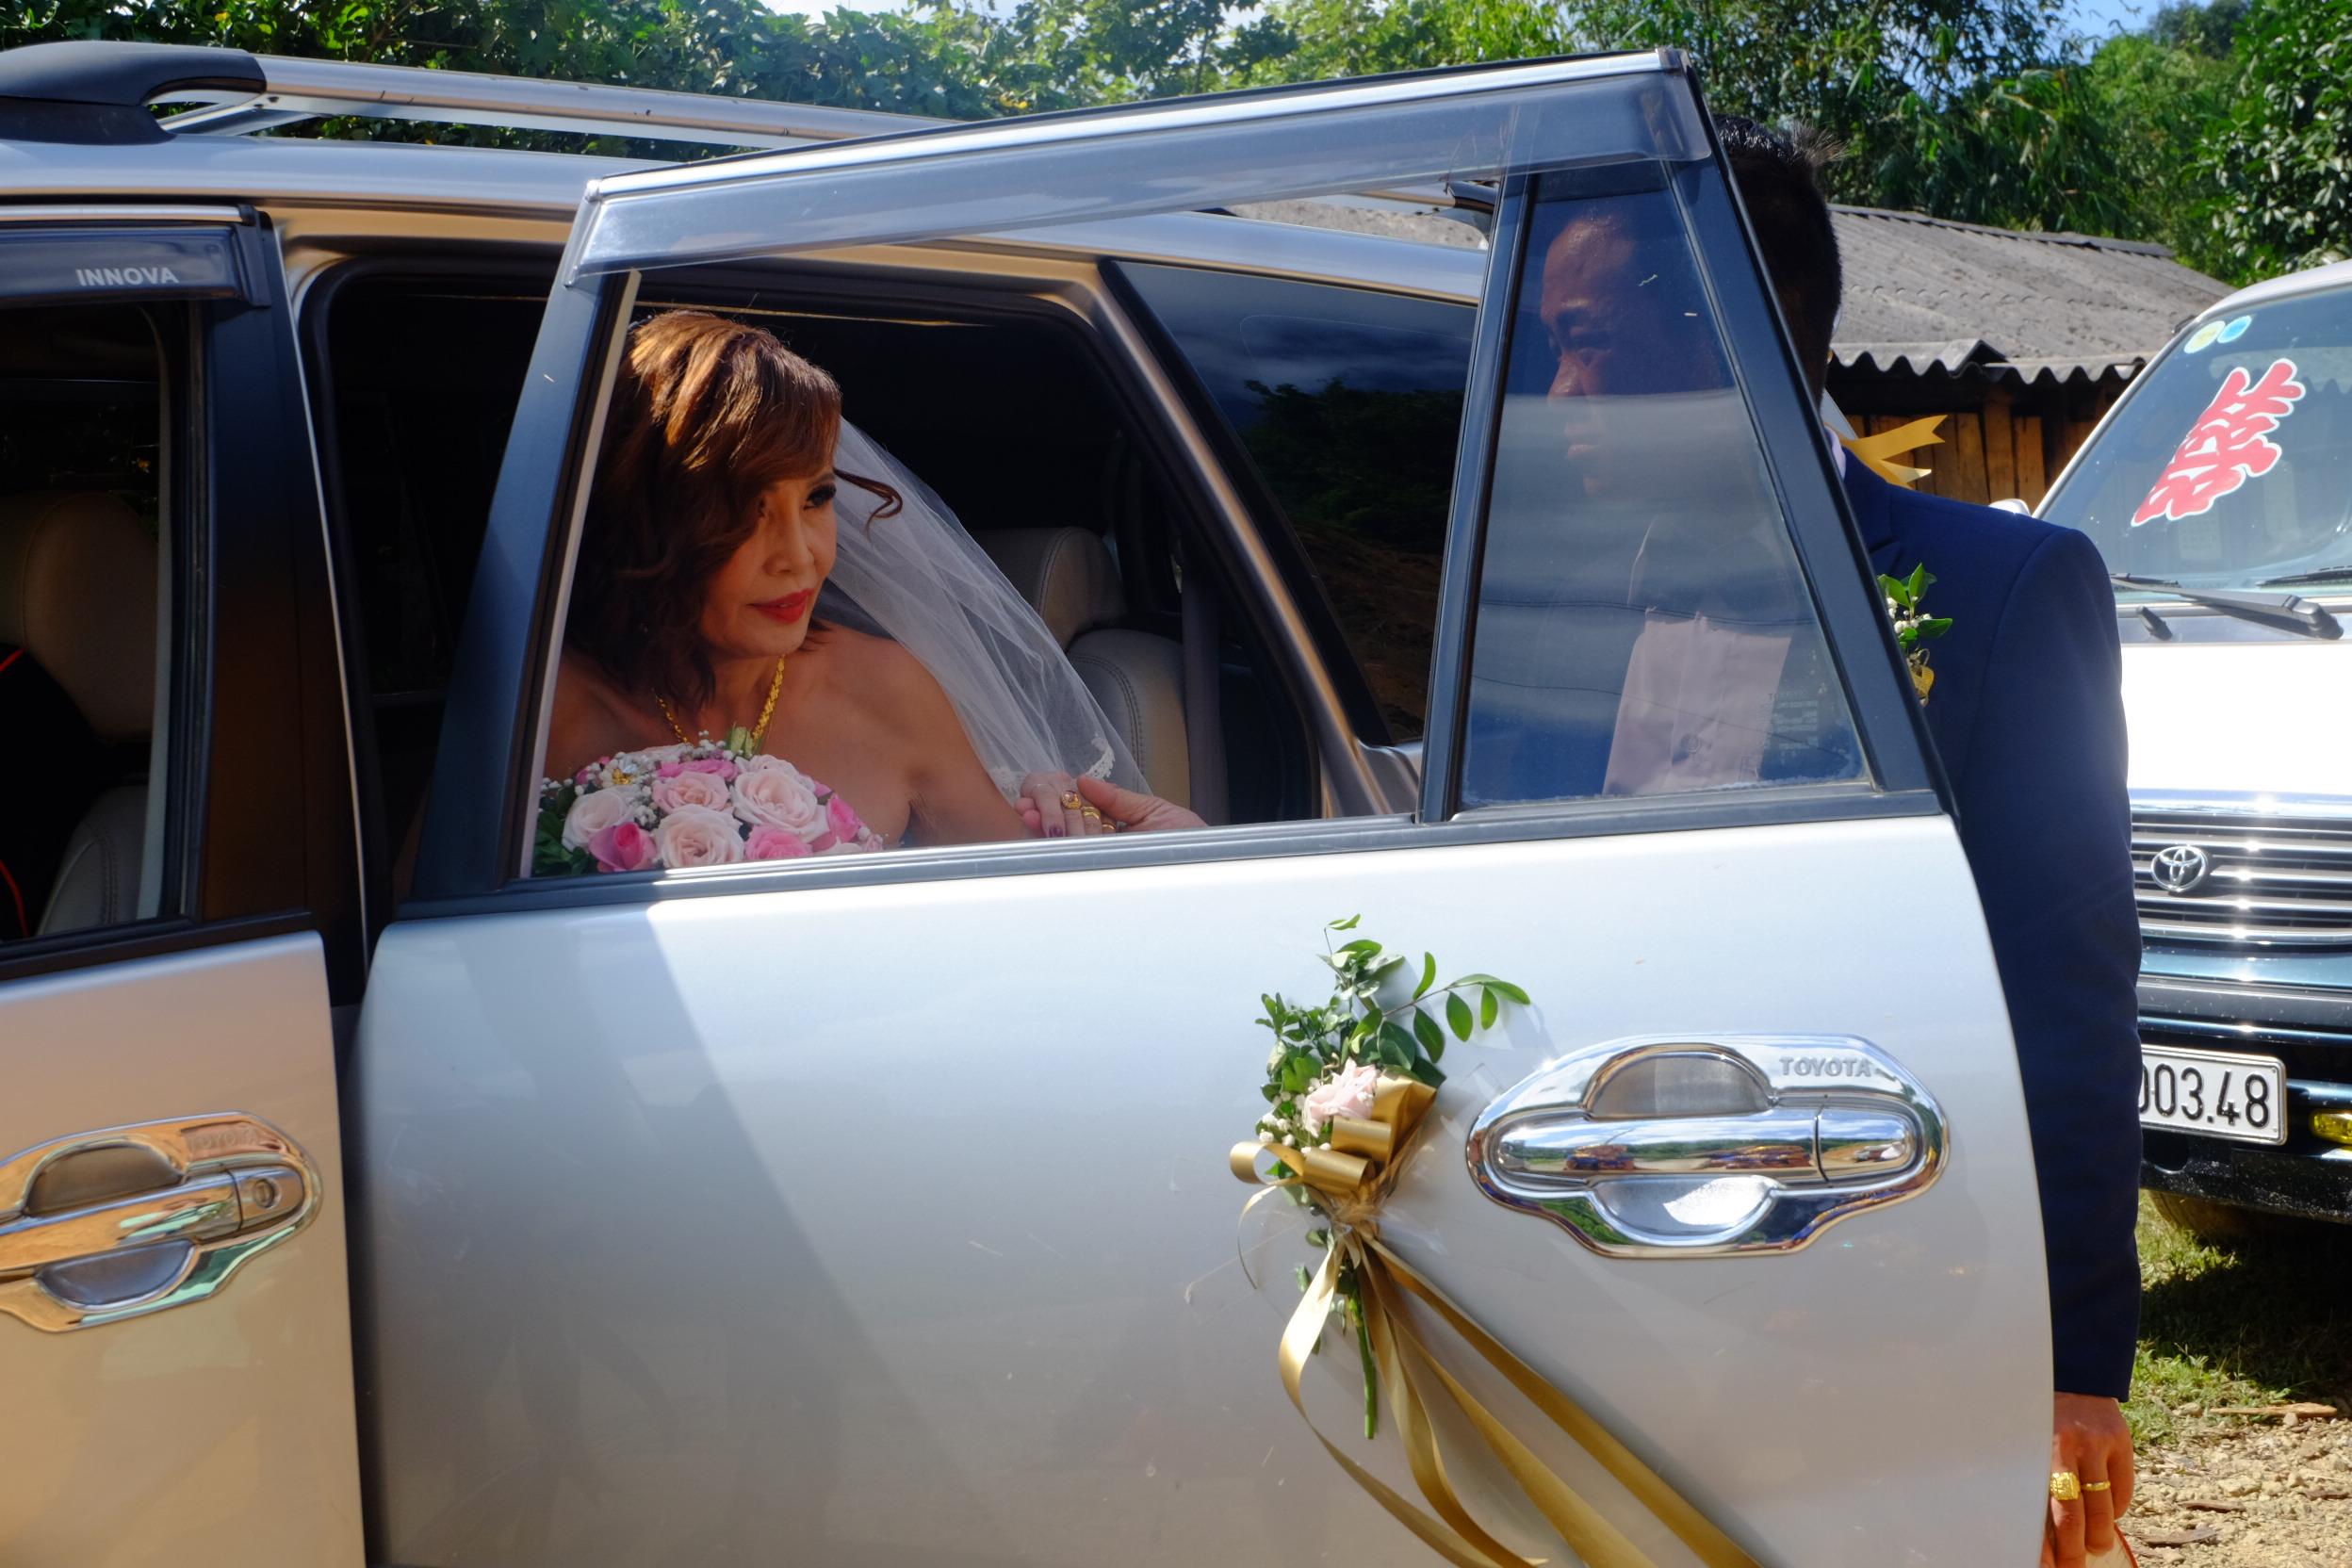 Chú rể Hoa Cương đon cô dâu Thu Sao từ xe hoa xuống để bắt đầu hành trình về nhà